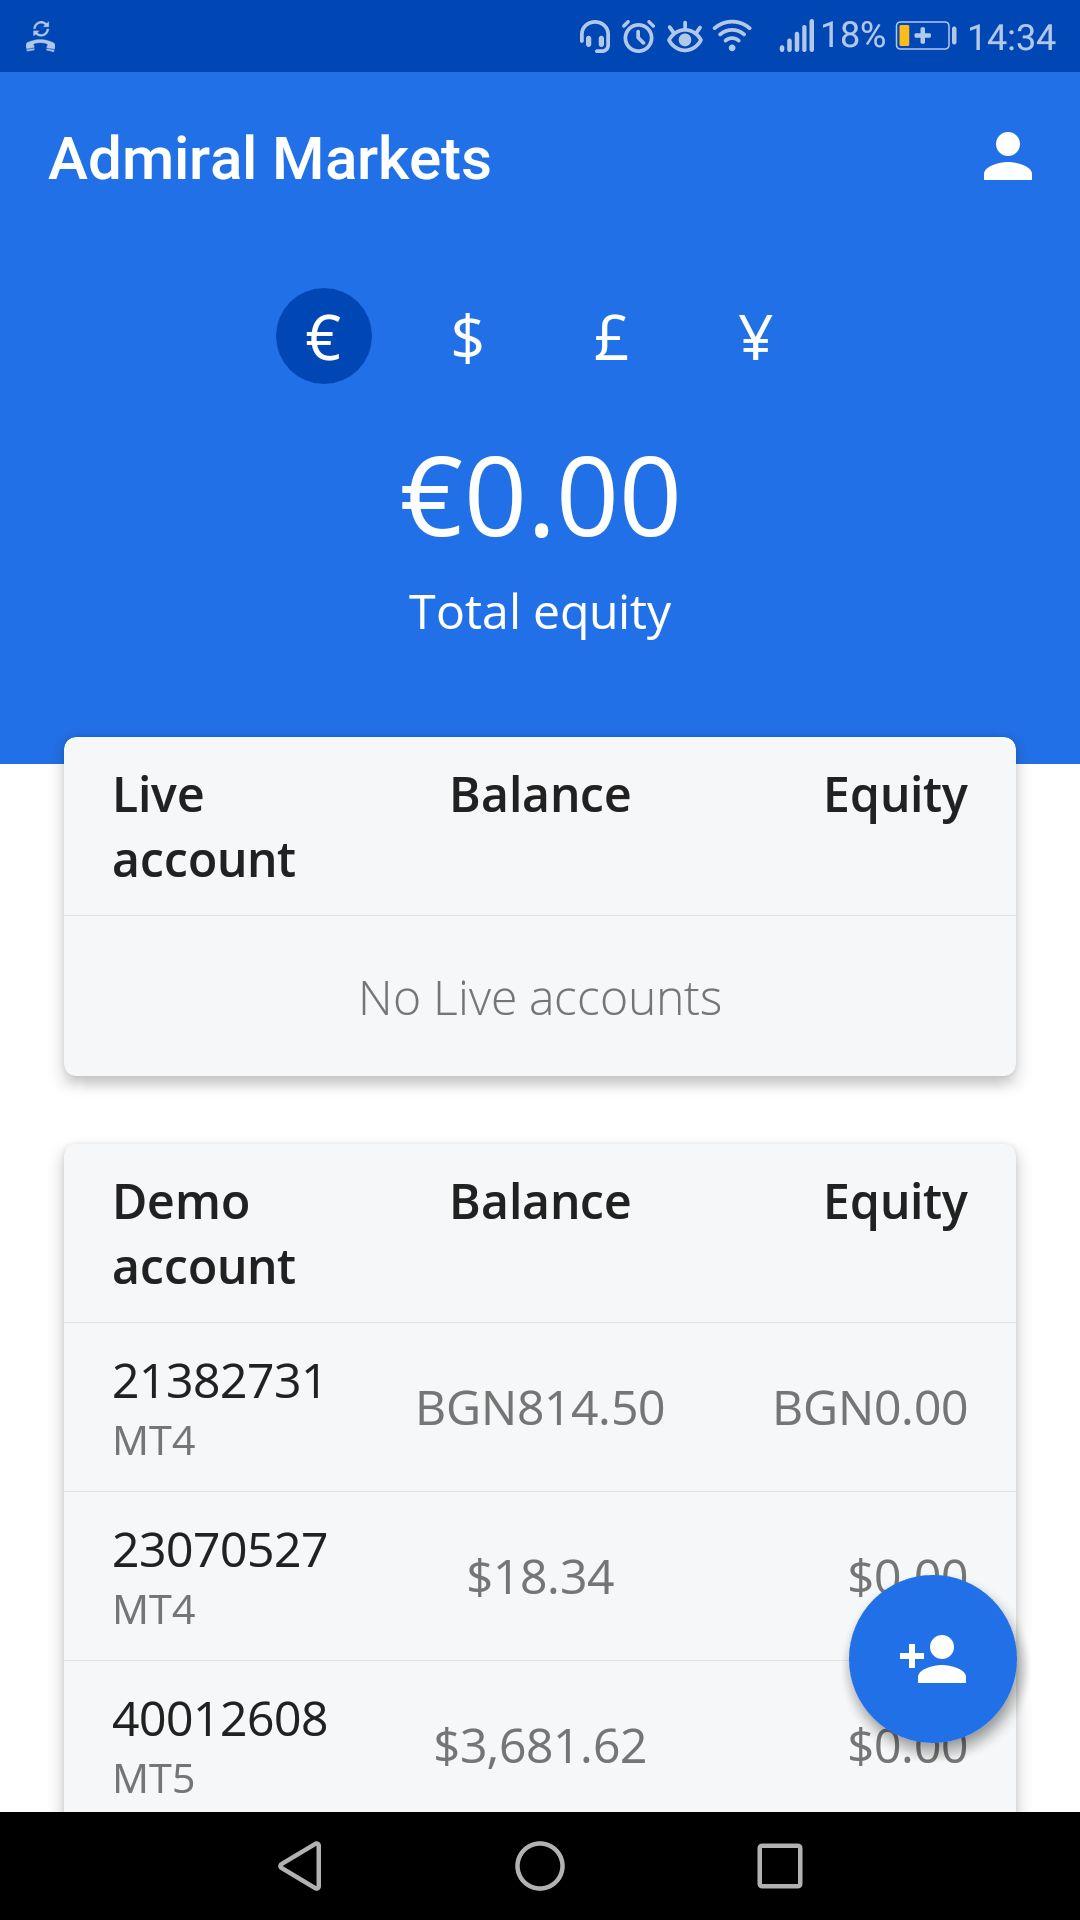 мобилно приложение за управление на търговска сметка